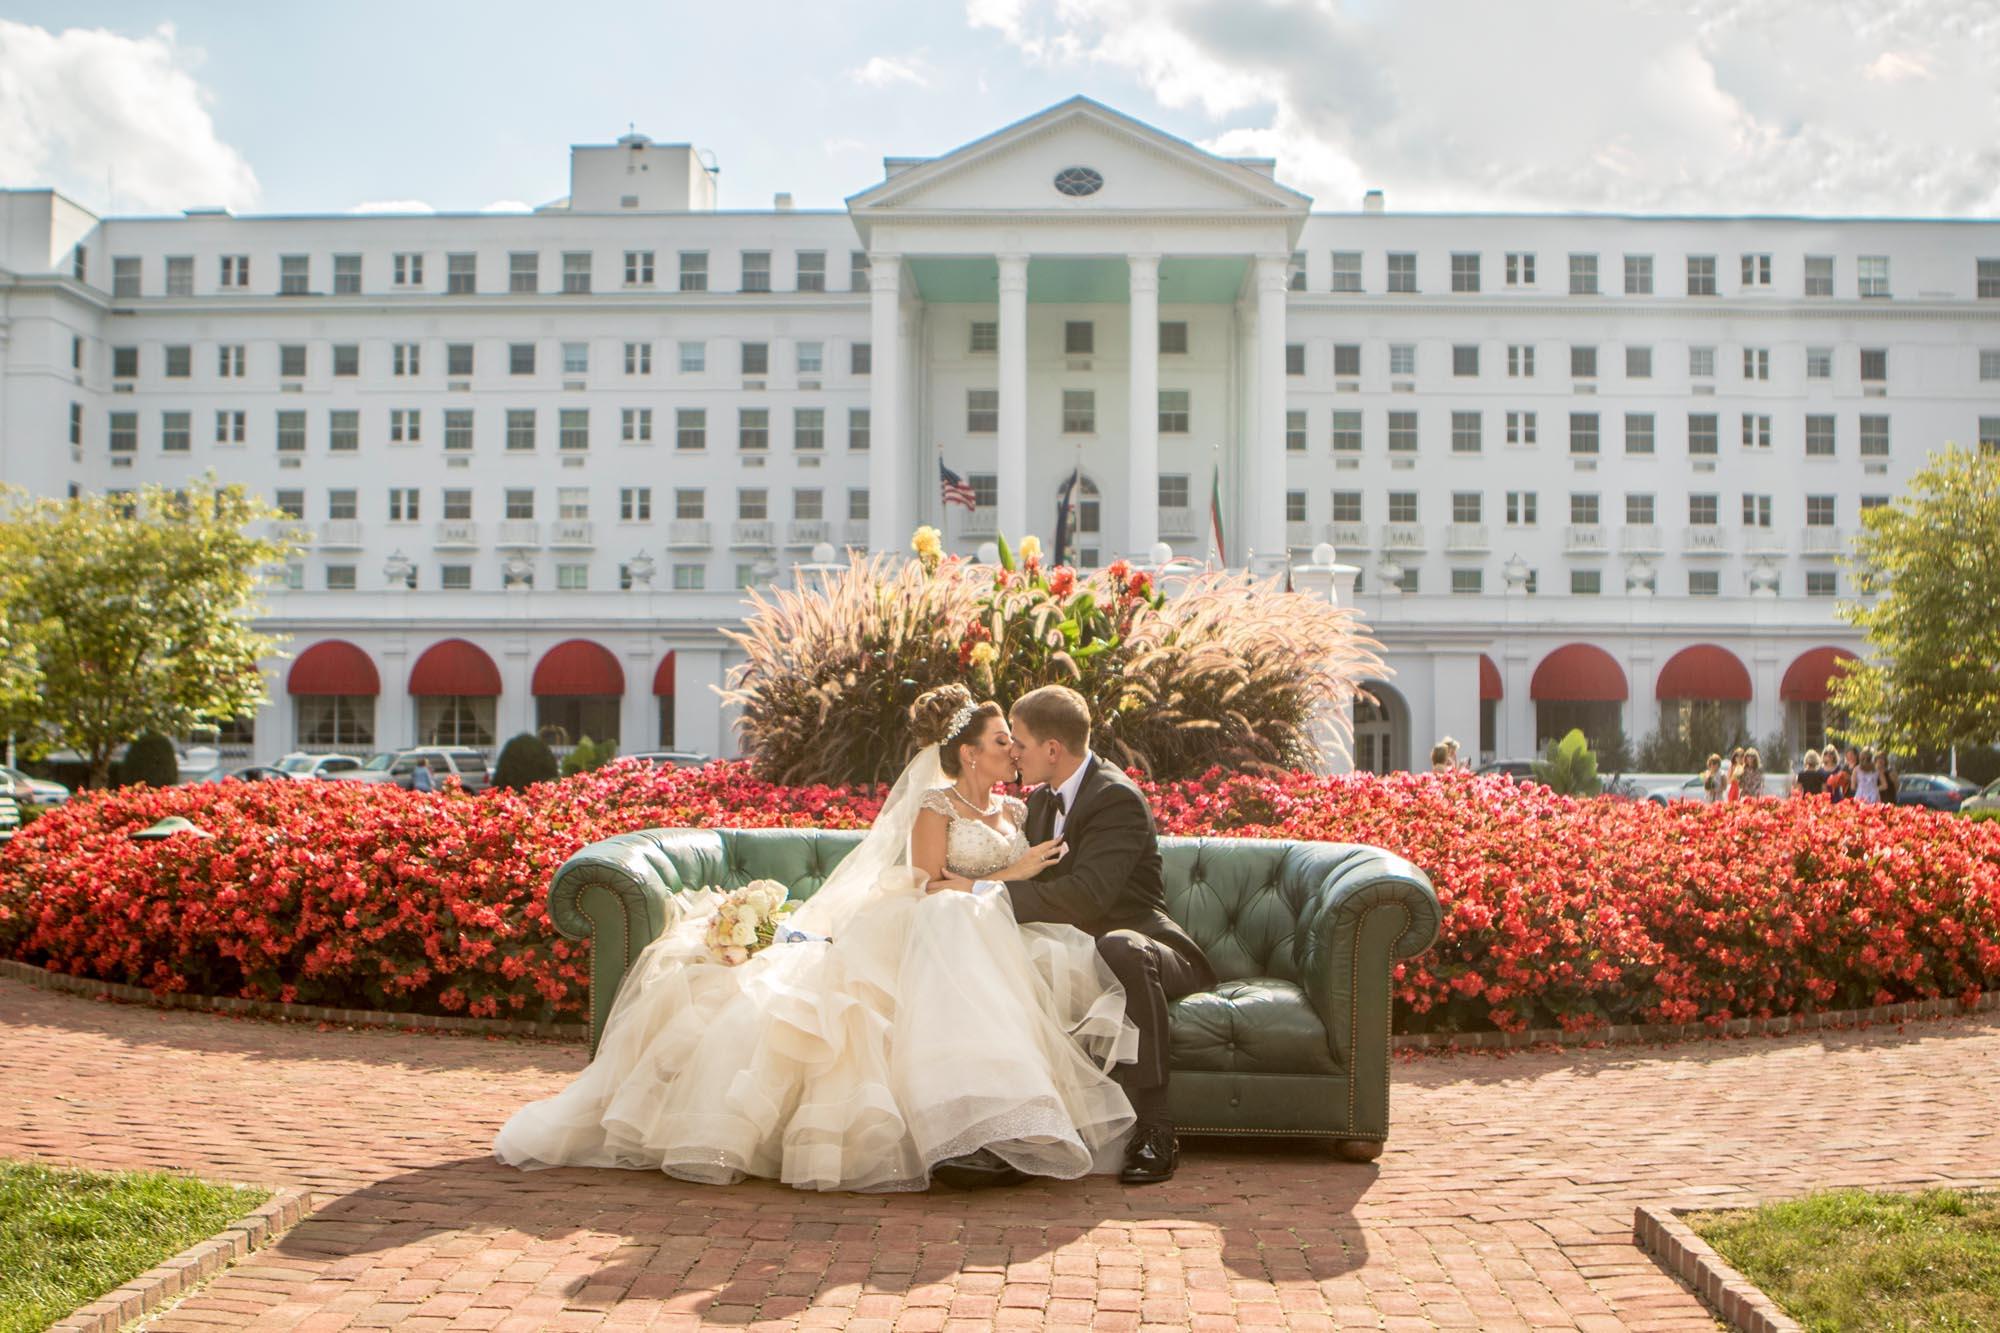 wv-wedding-photographer-sheena-pendley-8775 2.jpg